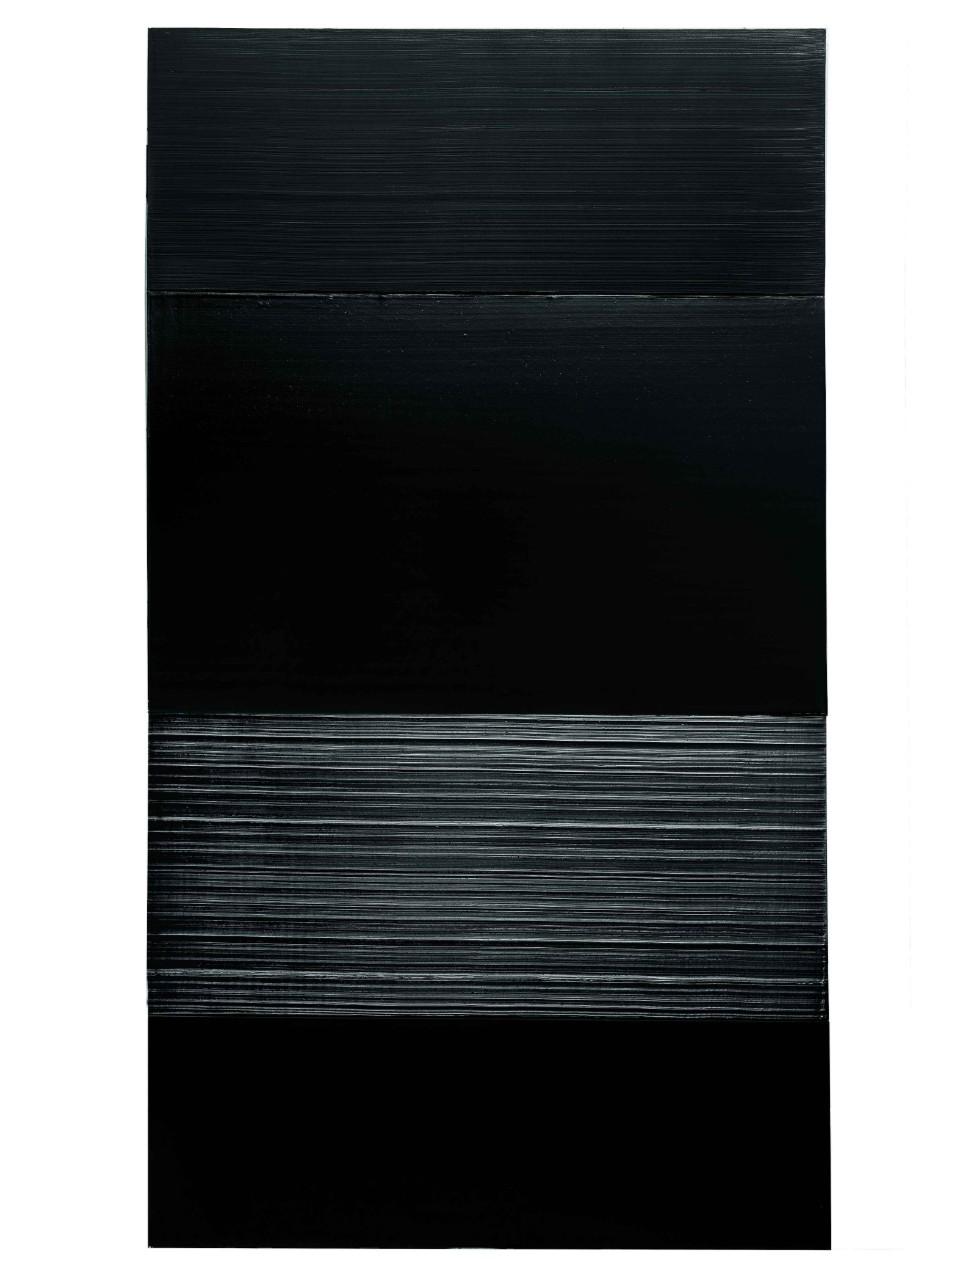 Peinture, 326 x 181 cm, 14 mars 2009 (acrylique sur toile), Pierre Soulages.